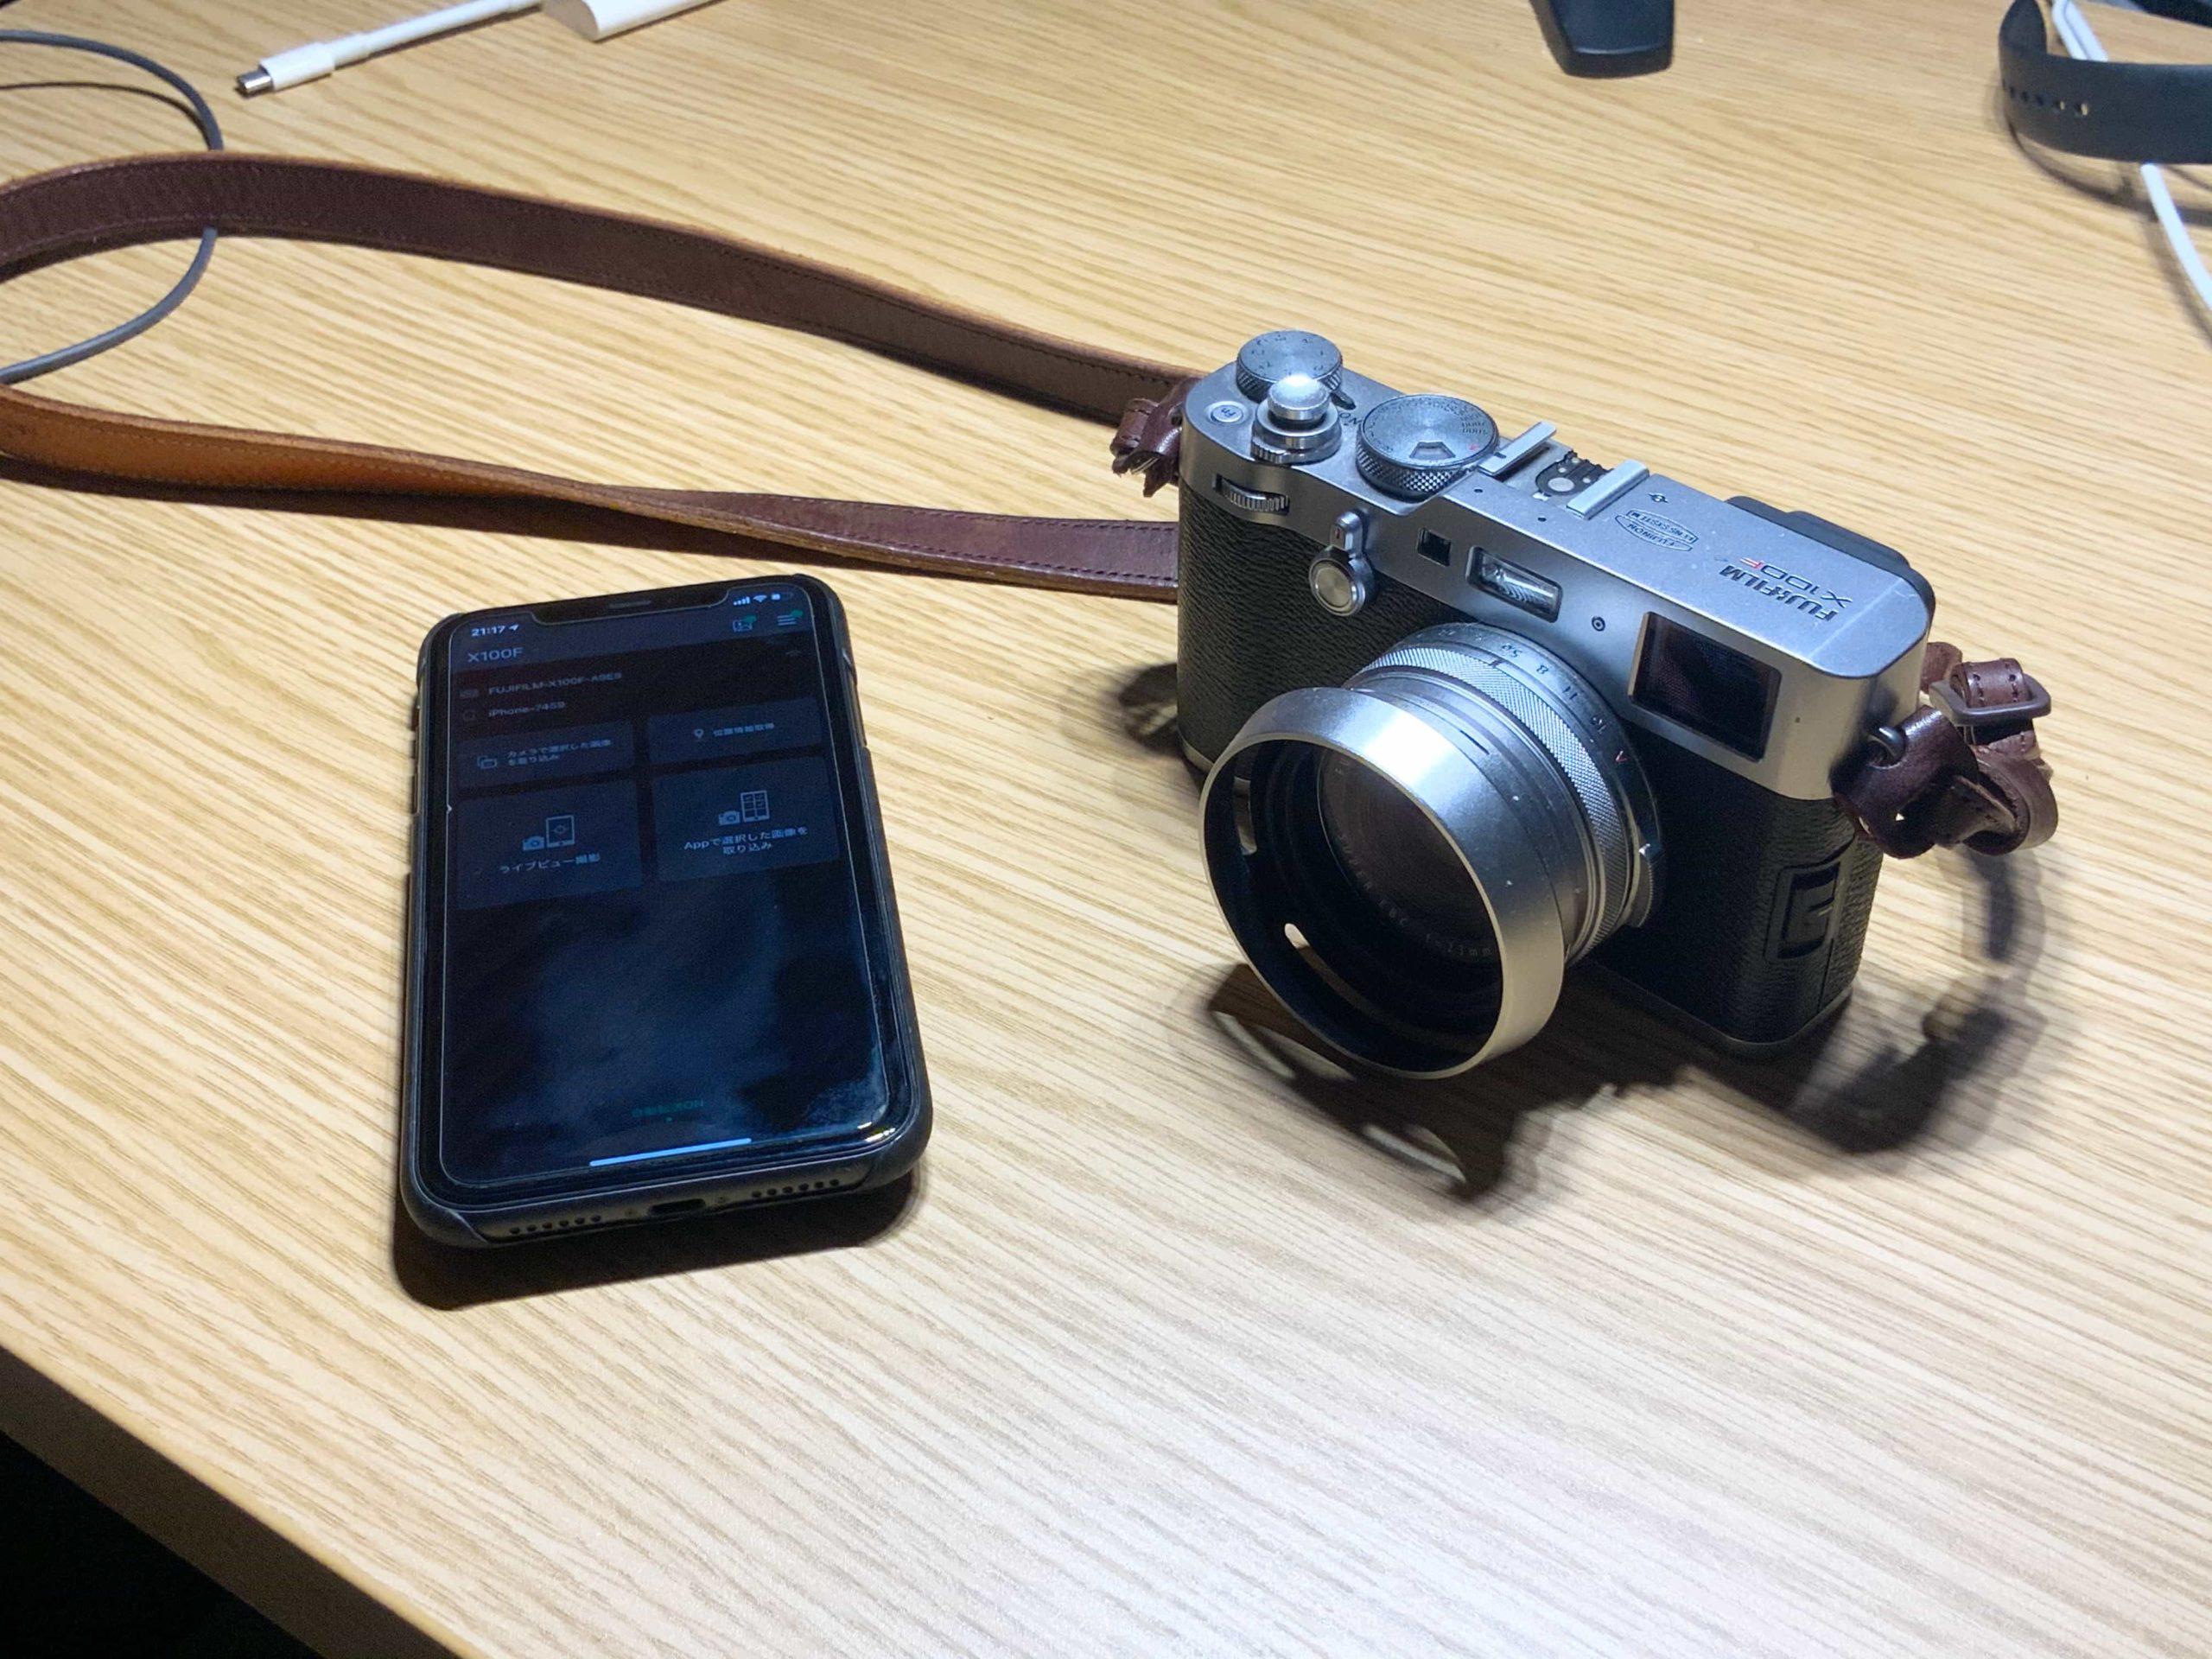 X100Fで撮影したデータを「FUJIFILM Camera Remote」で画像転送出来なくなった